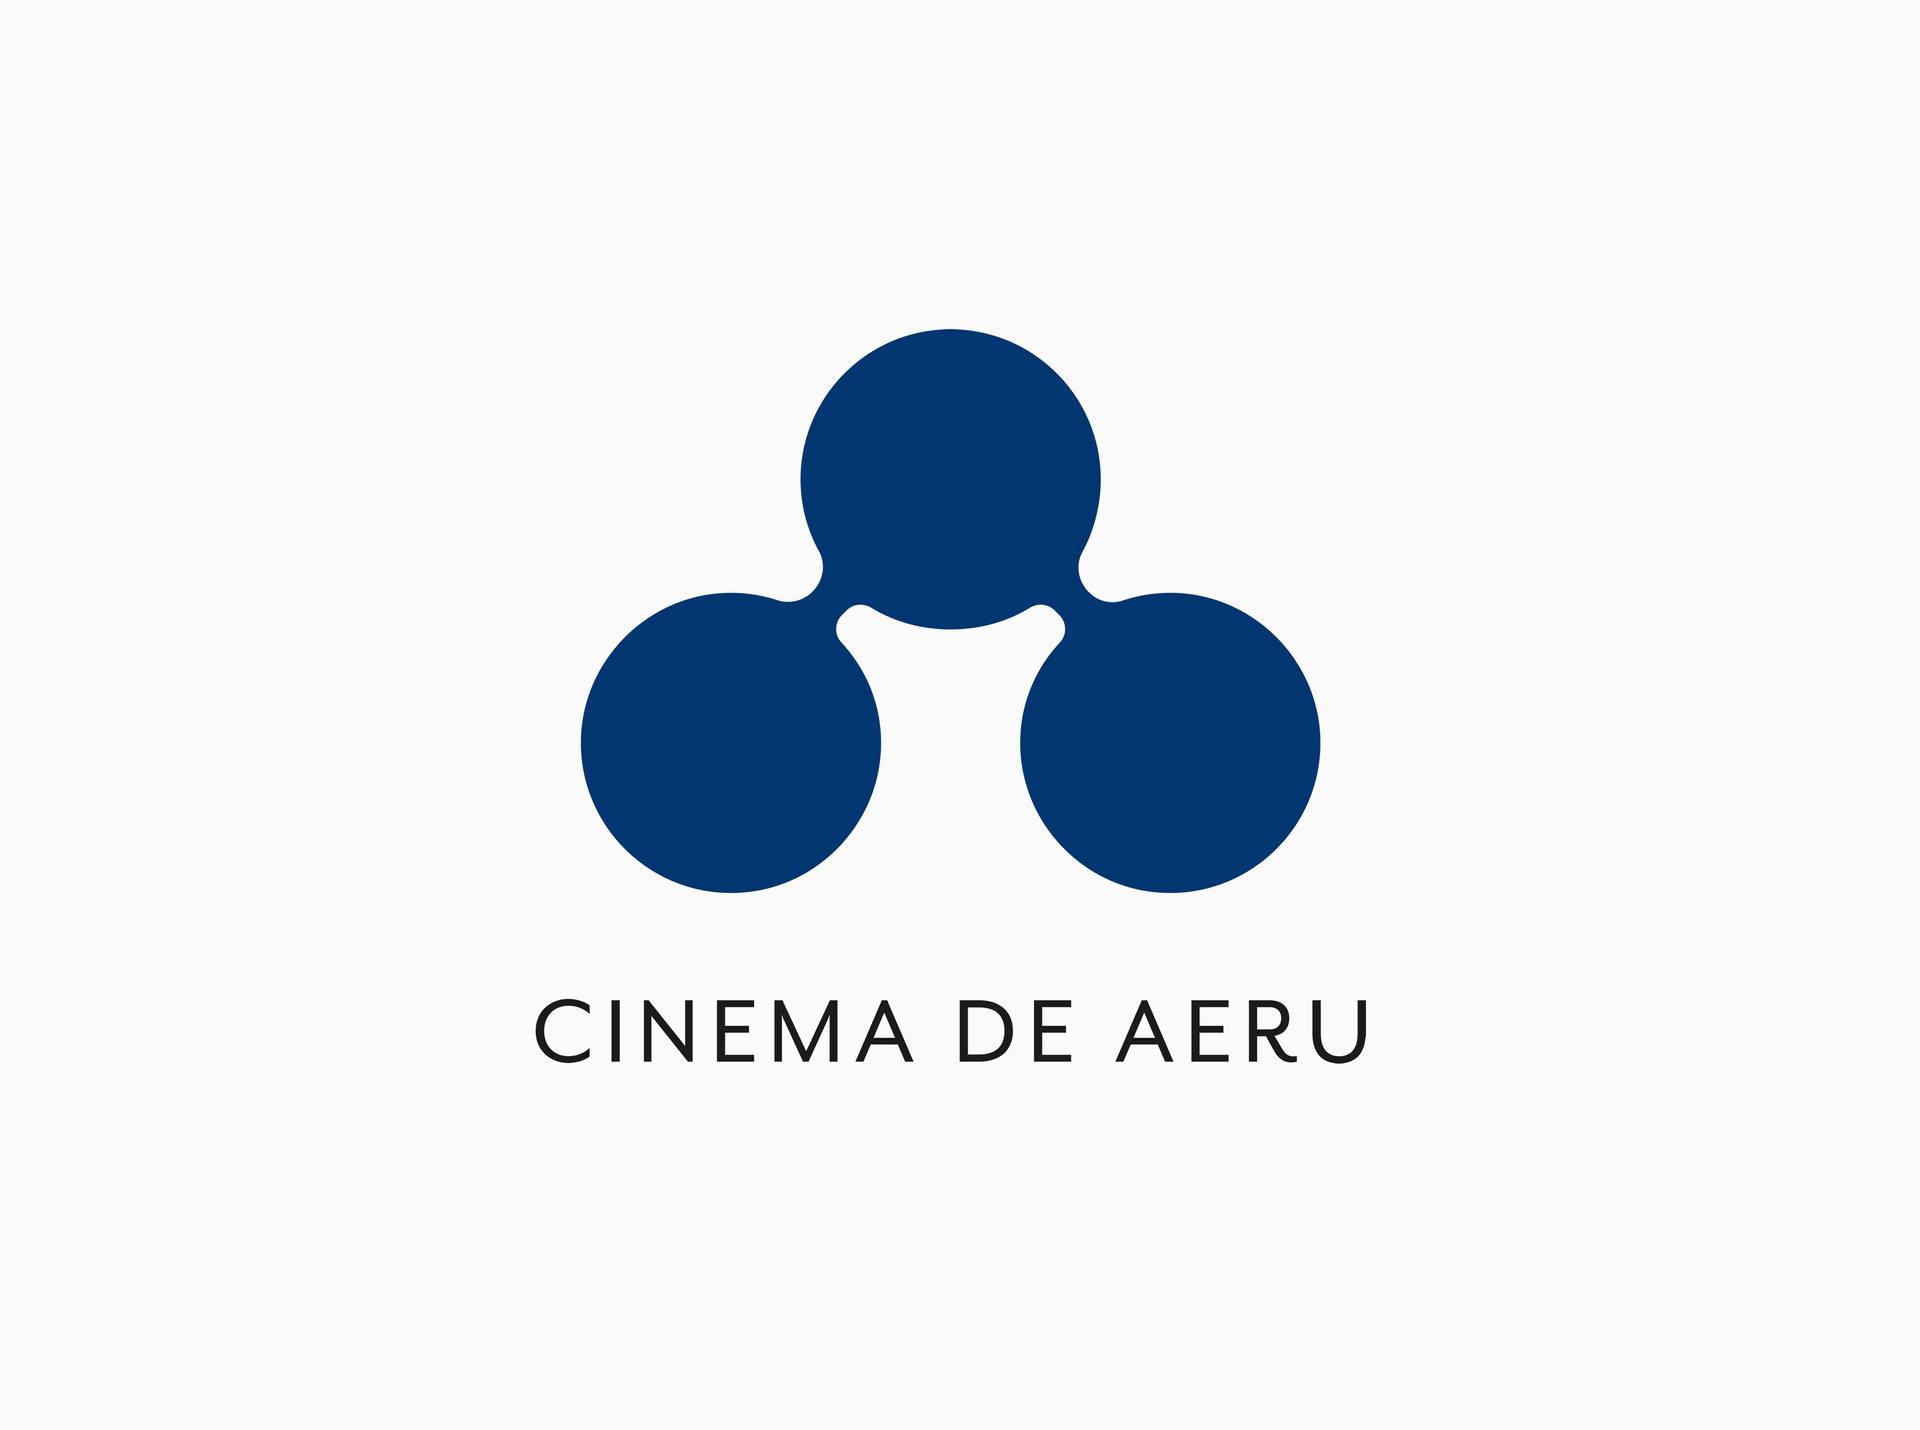 シネマ・デ・アエル Cinema de Aeru